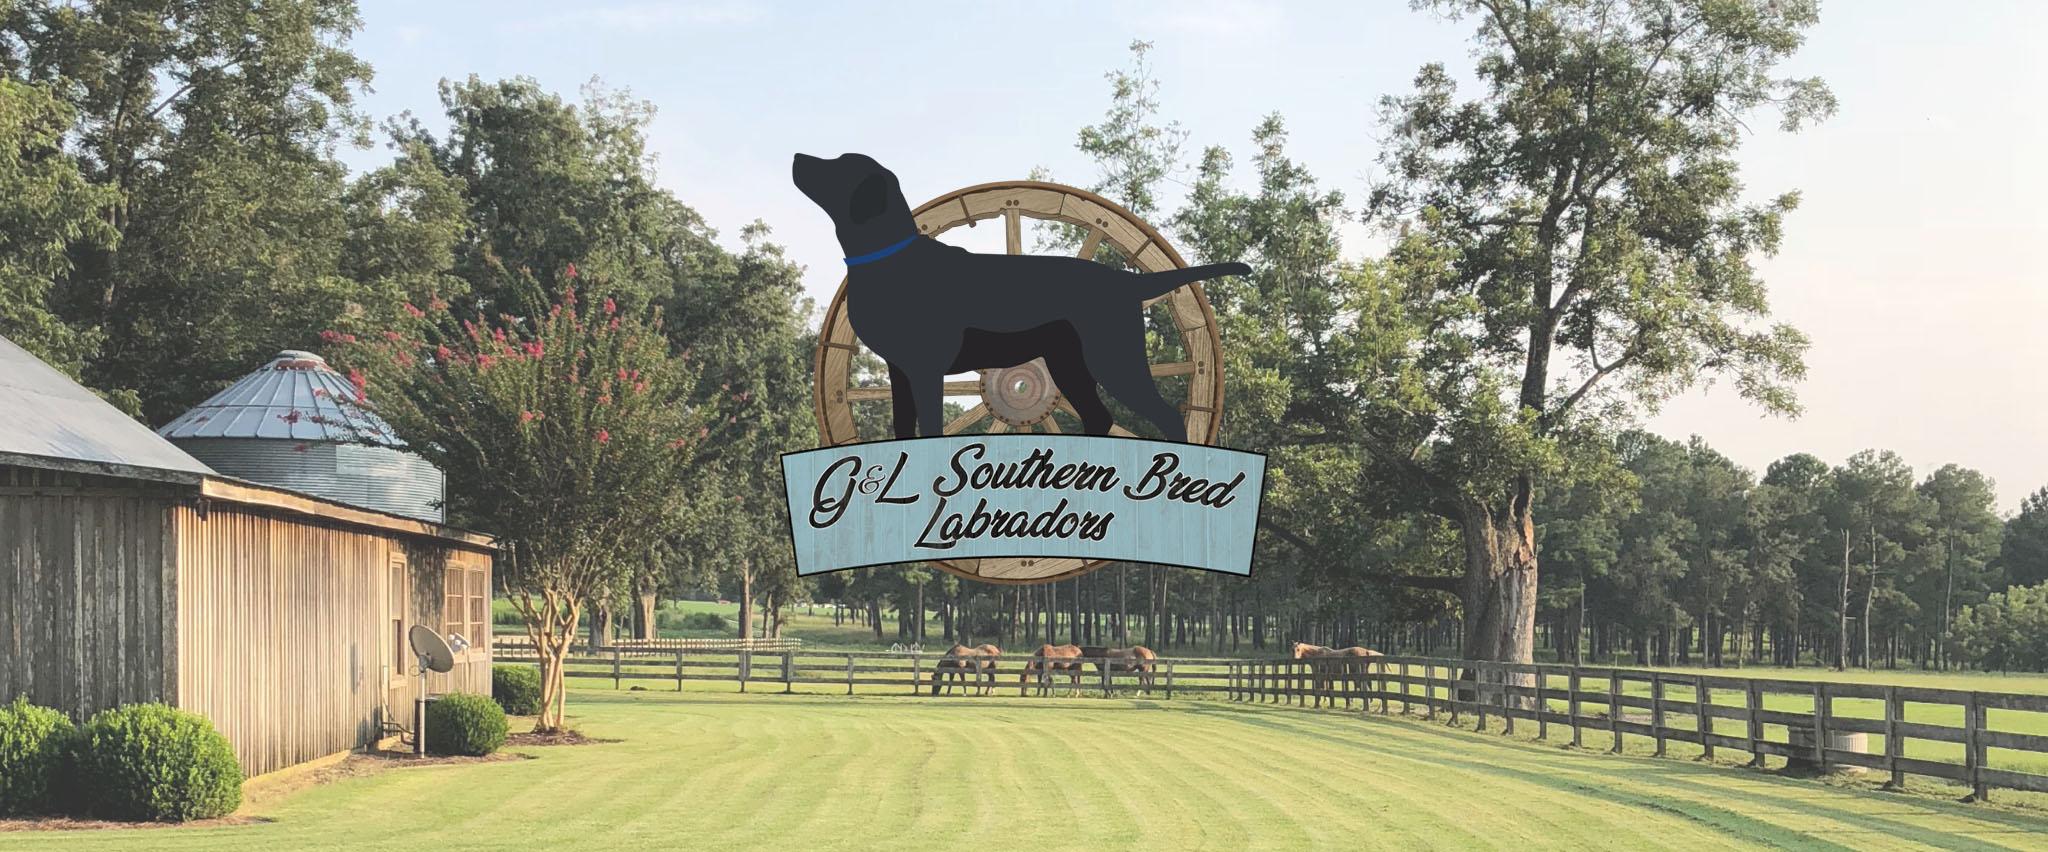 G&L Southern Bred Labradors Logo